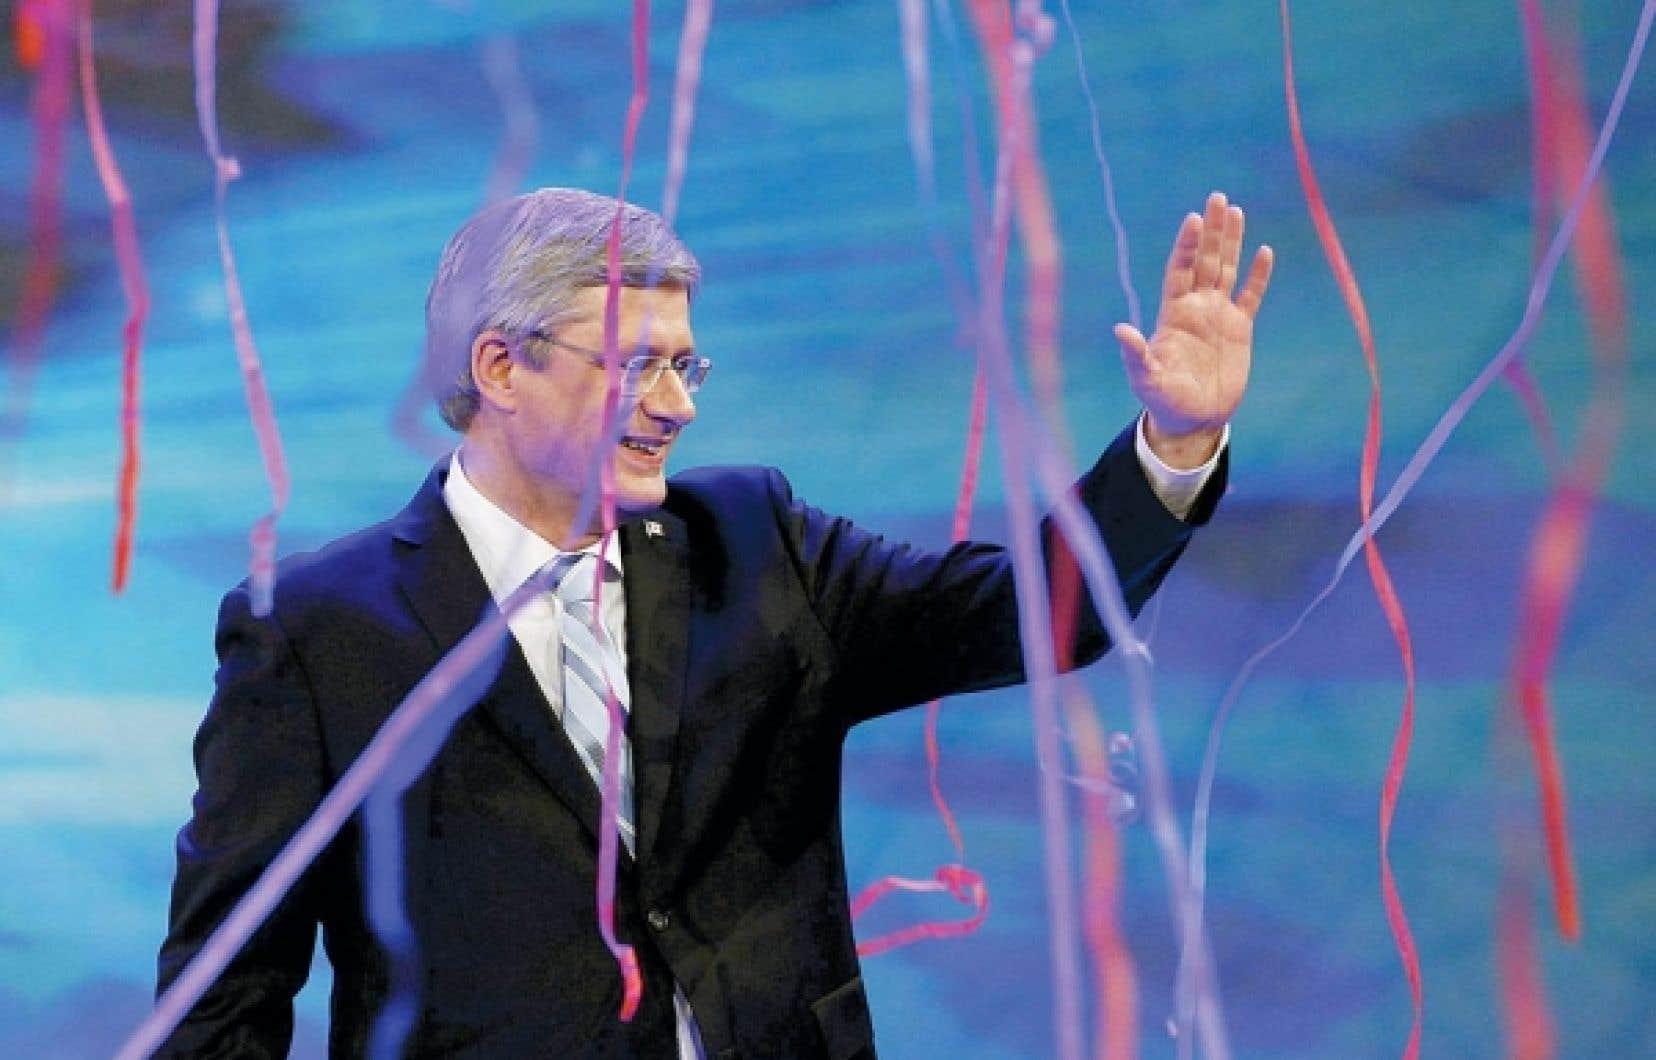 Stephen Harper c&eacute;l&egrave;bre sa victoire lors des derni&egrave;res &eacute;lections f&eacute;d&eacute;rales devant ses partisans de Calgary. Plus de 80 % des &eacute;lecteurs qu&eacute;b&eacute;cois ont en 2011 choisi le NPD (43 %), les lib&eacute;raux ou le Bloc, le Parti conservateur ne r&eacute;coltant que 16,5 % des voix au Qu&eacute;bec contre 45 % ailleurs au pays. Loin de se r&eacute;sorber, l&rsquo;&egrave;re des deux solitudes se voit confirm&eacute;e par les r&eacute;sultats &eacute;lectoraux.<br />